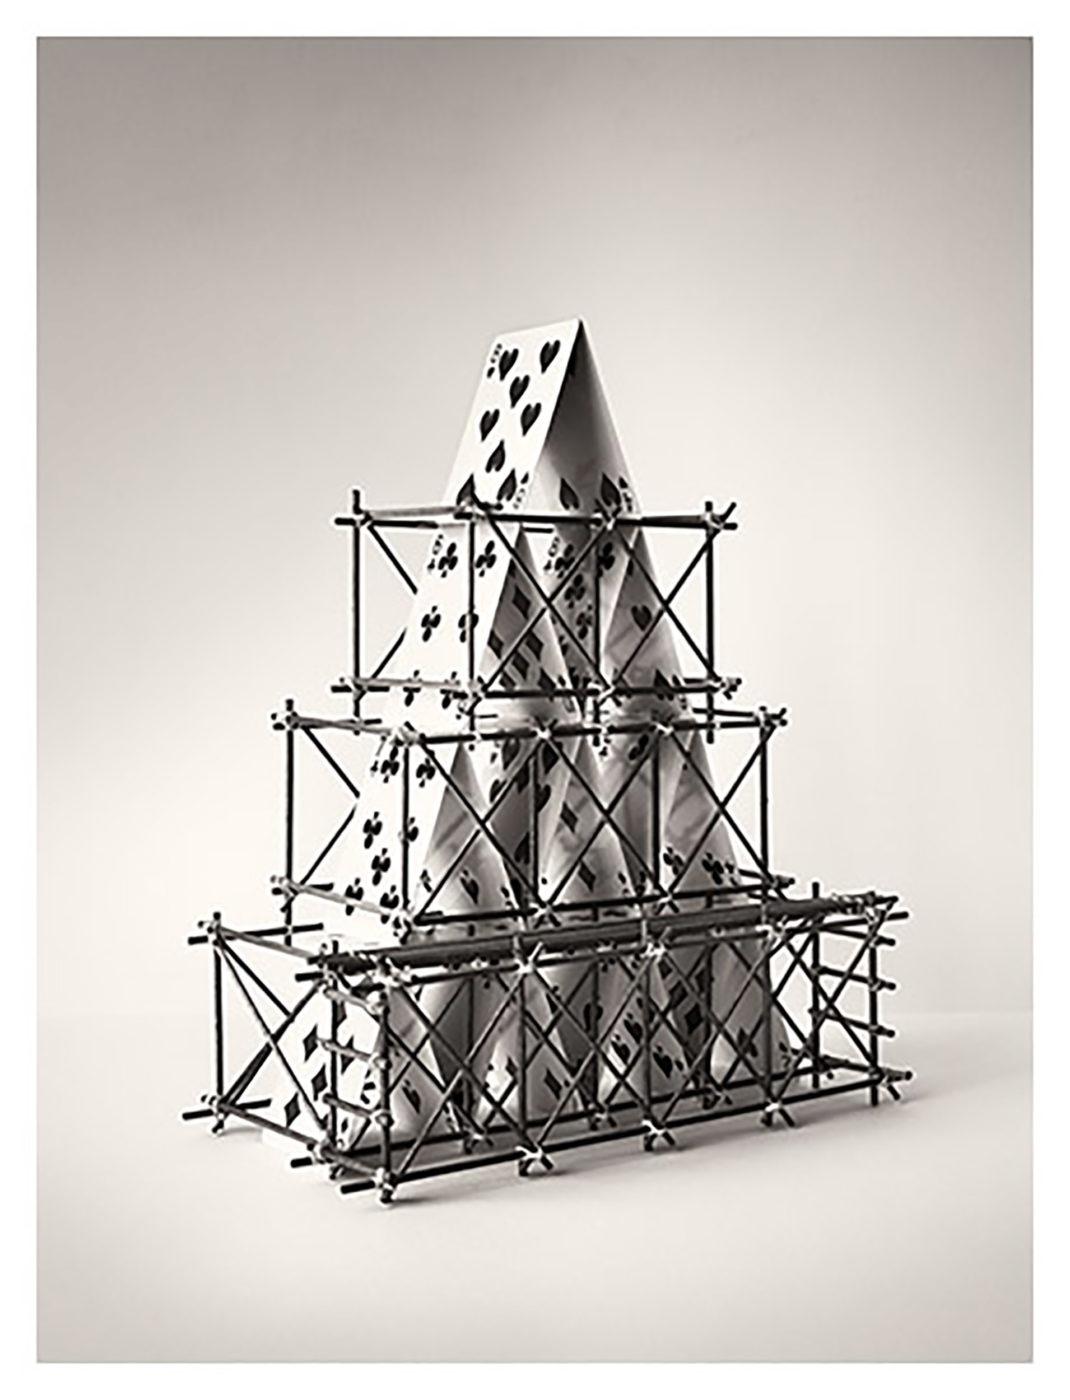 fotografía en blanco y negro de chema madoz.Sin título, 2020 medidas 161x125cm